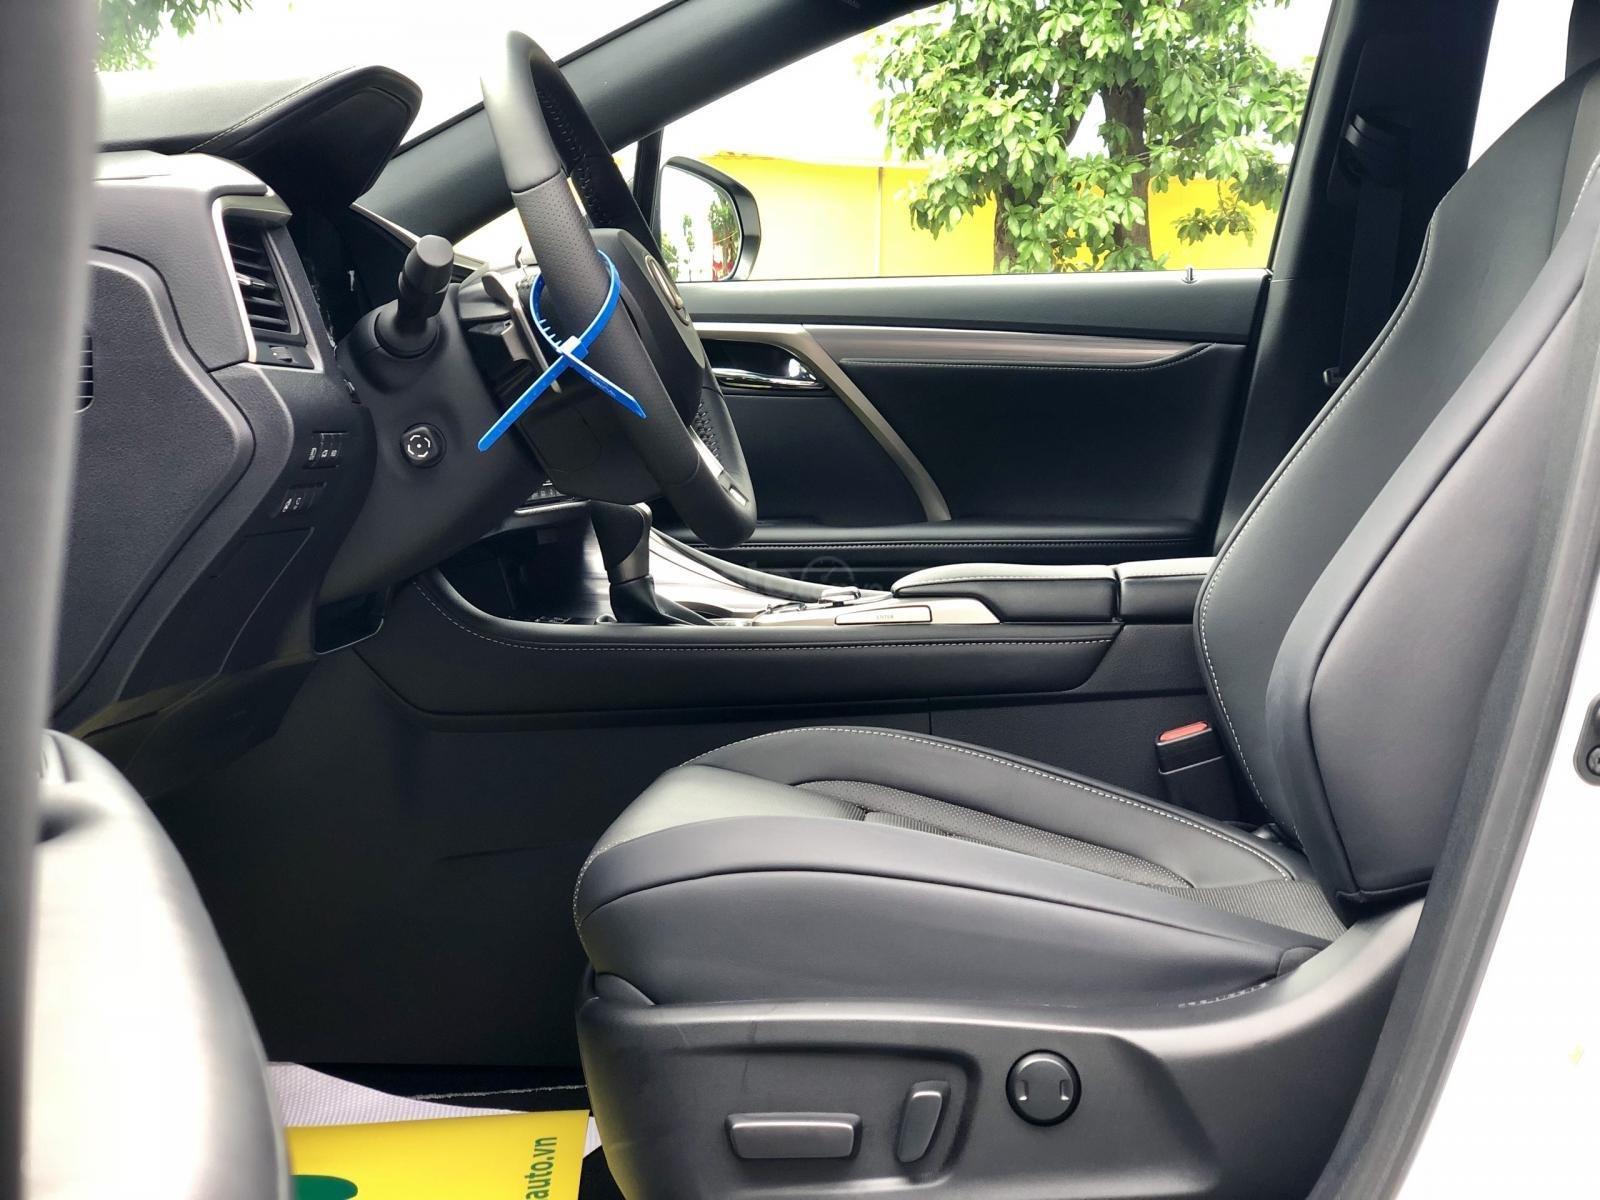 Bán Lexus RX 350 Fsport 2020 màu trắng nhập Mỹ giao ngay toàn quốc LH Ms Hương (10)